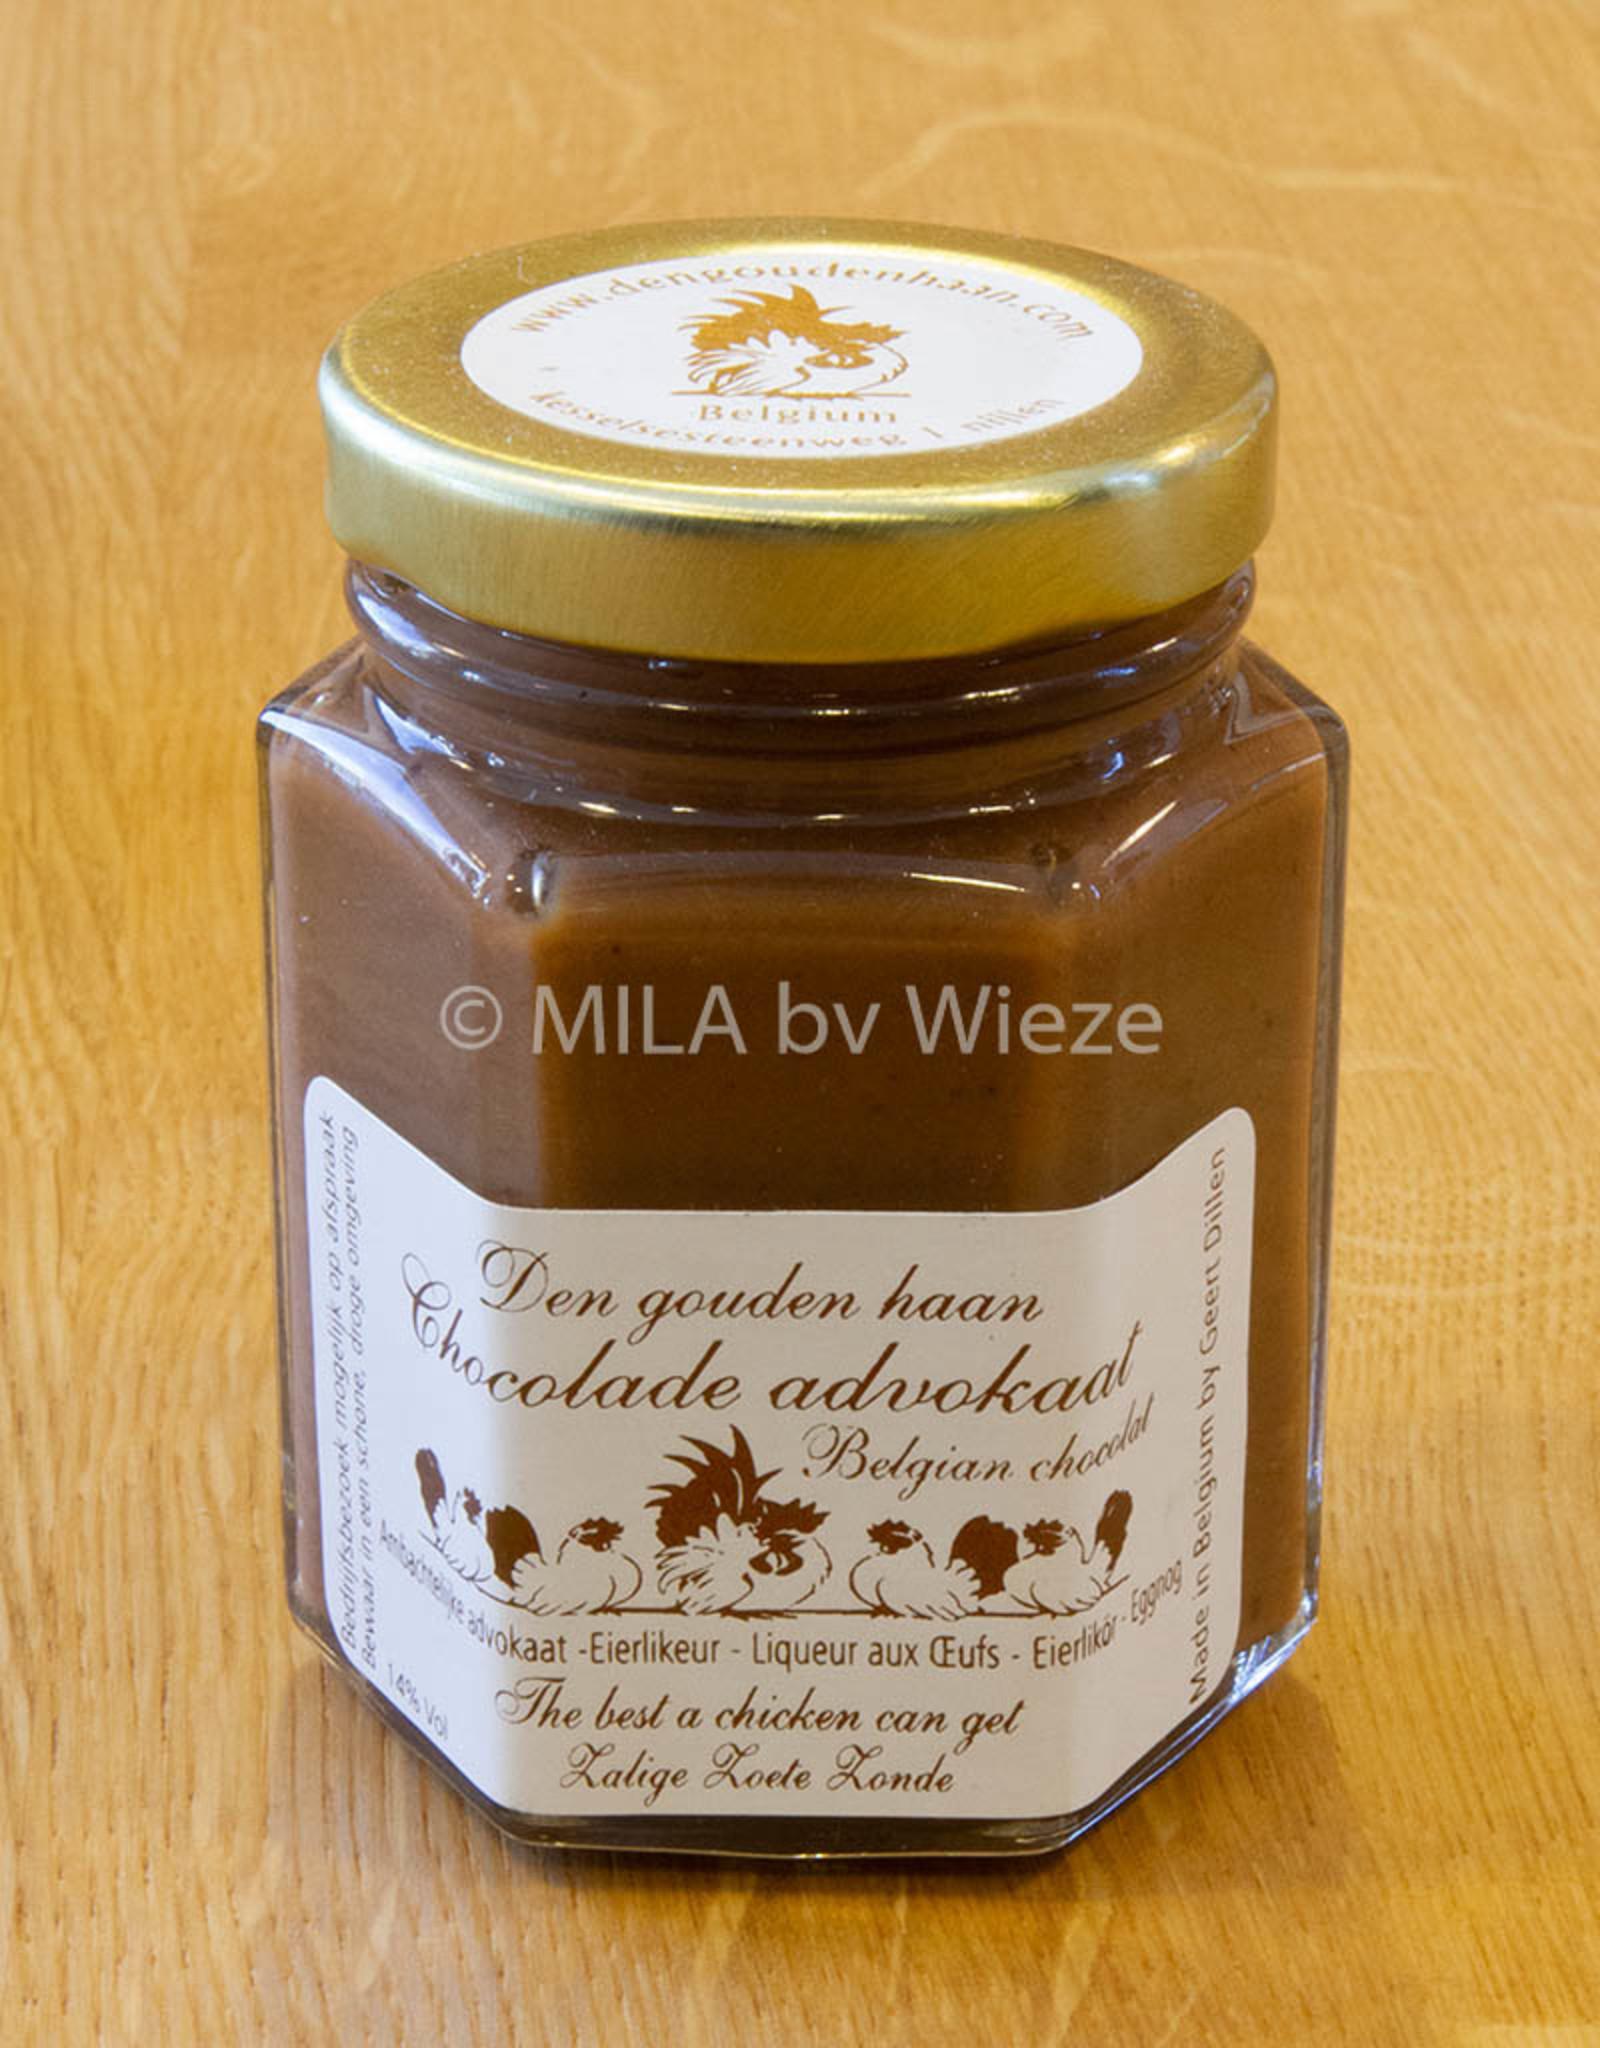 Advocaat Den gouden haan - 125 ml Chocolade